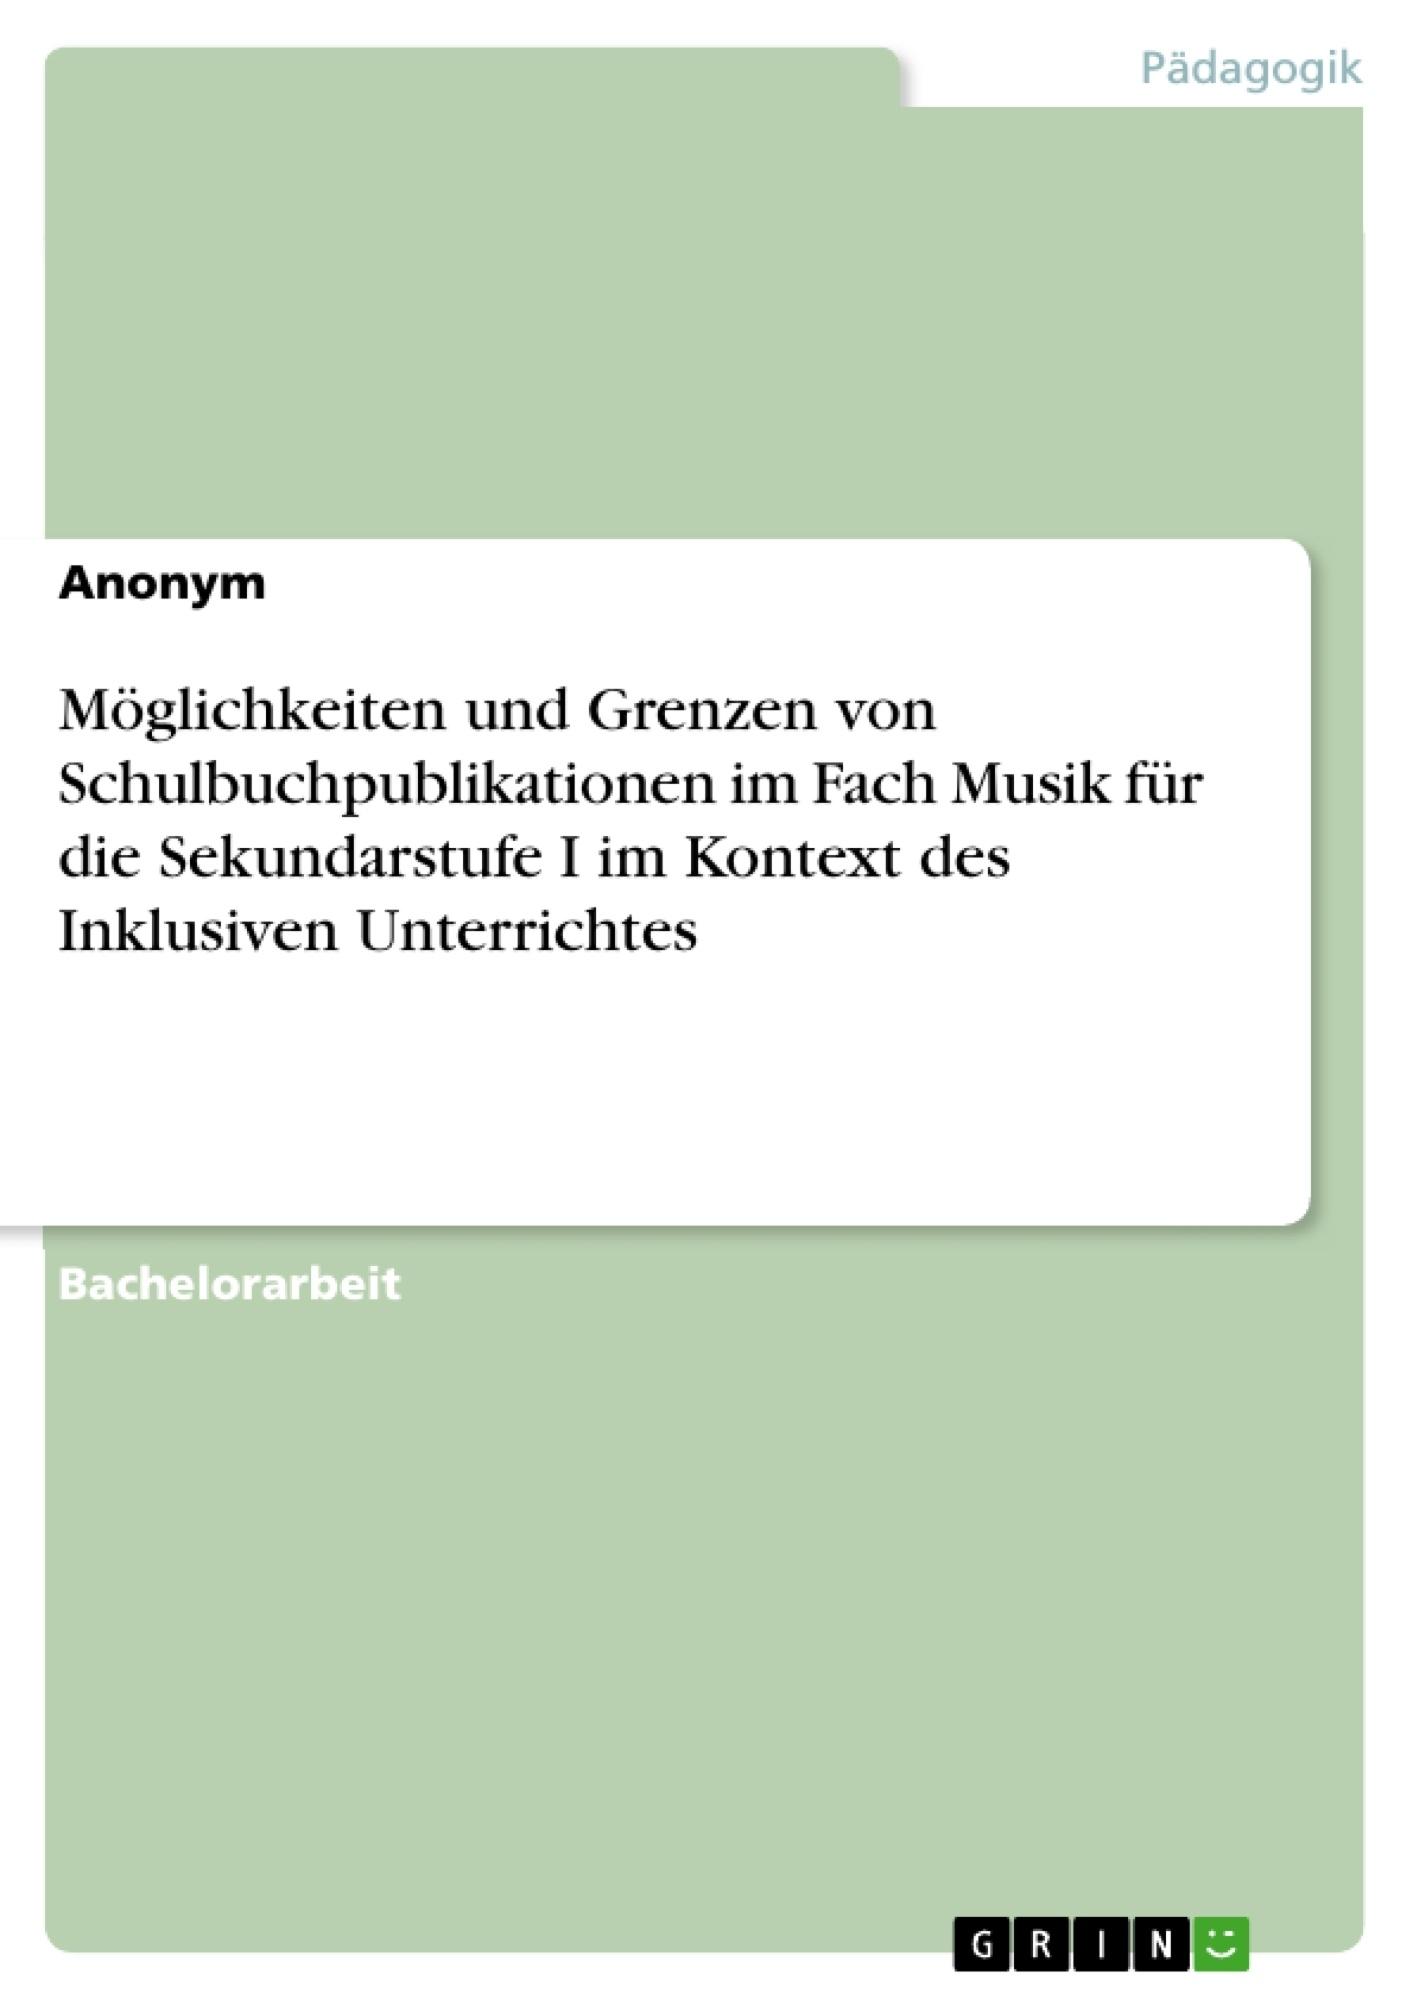 Möglichkeiten und Grenzen von Schulbuchpublikationen im Fach Musik ...